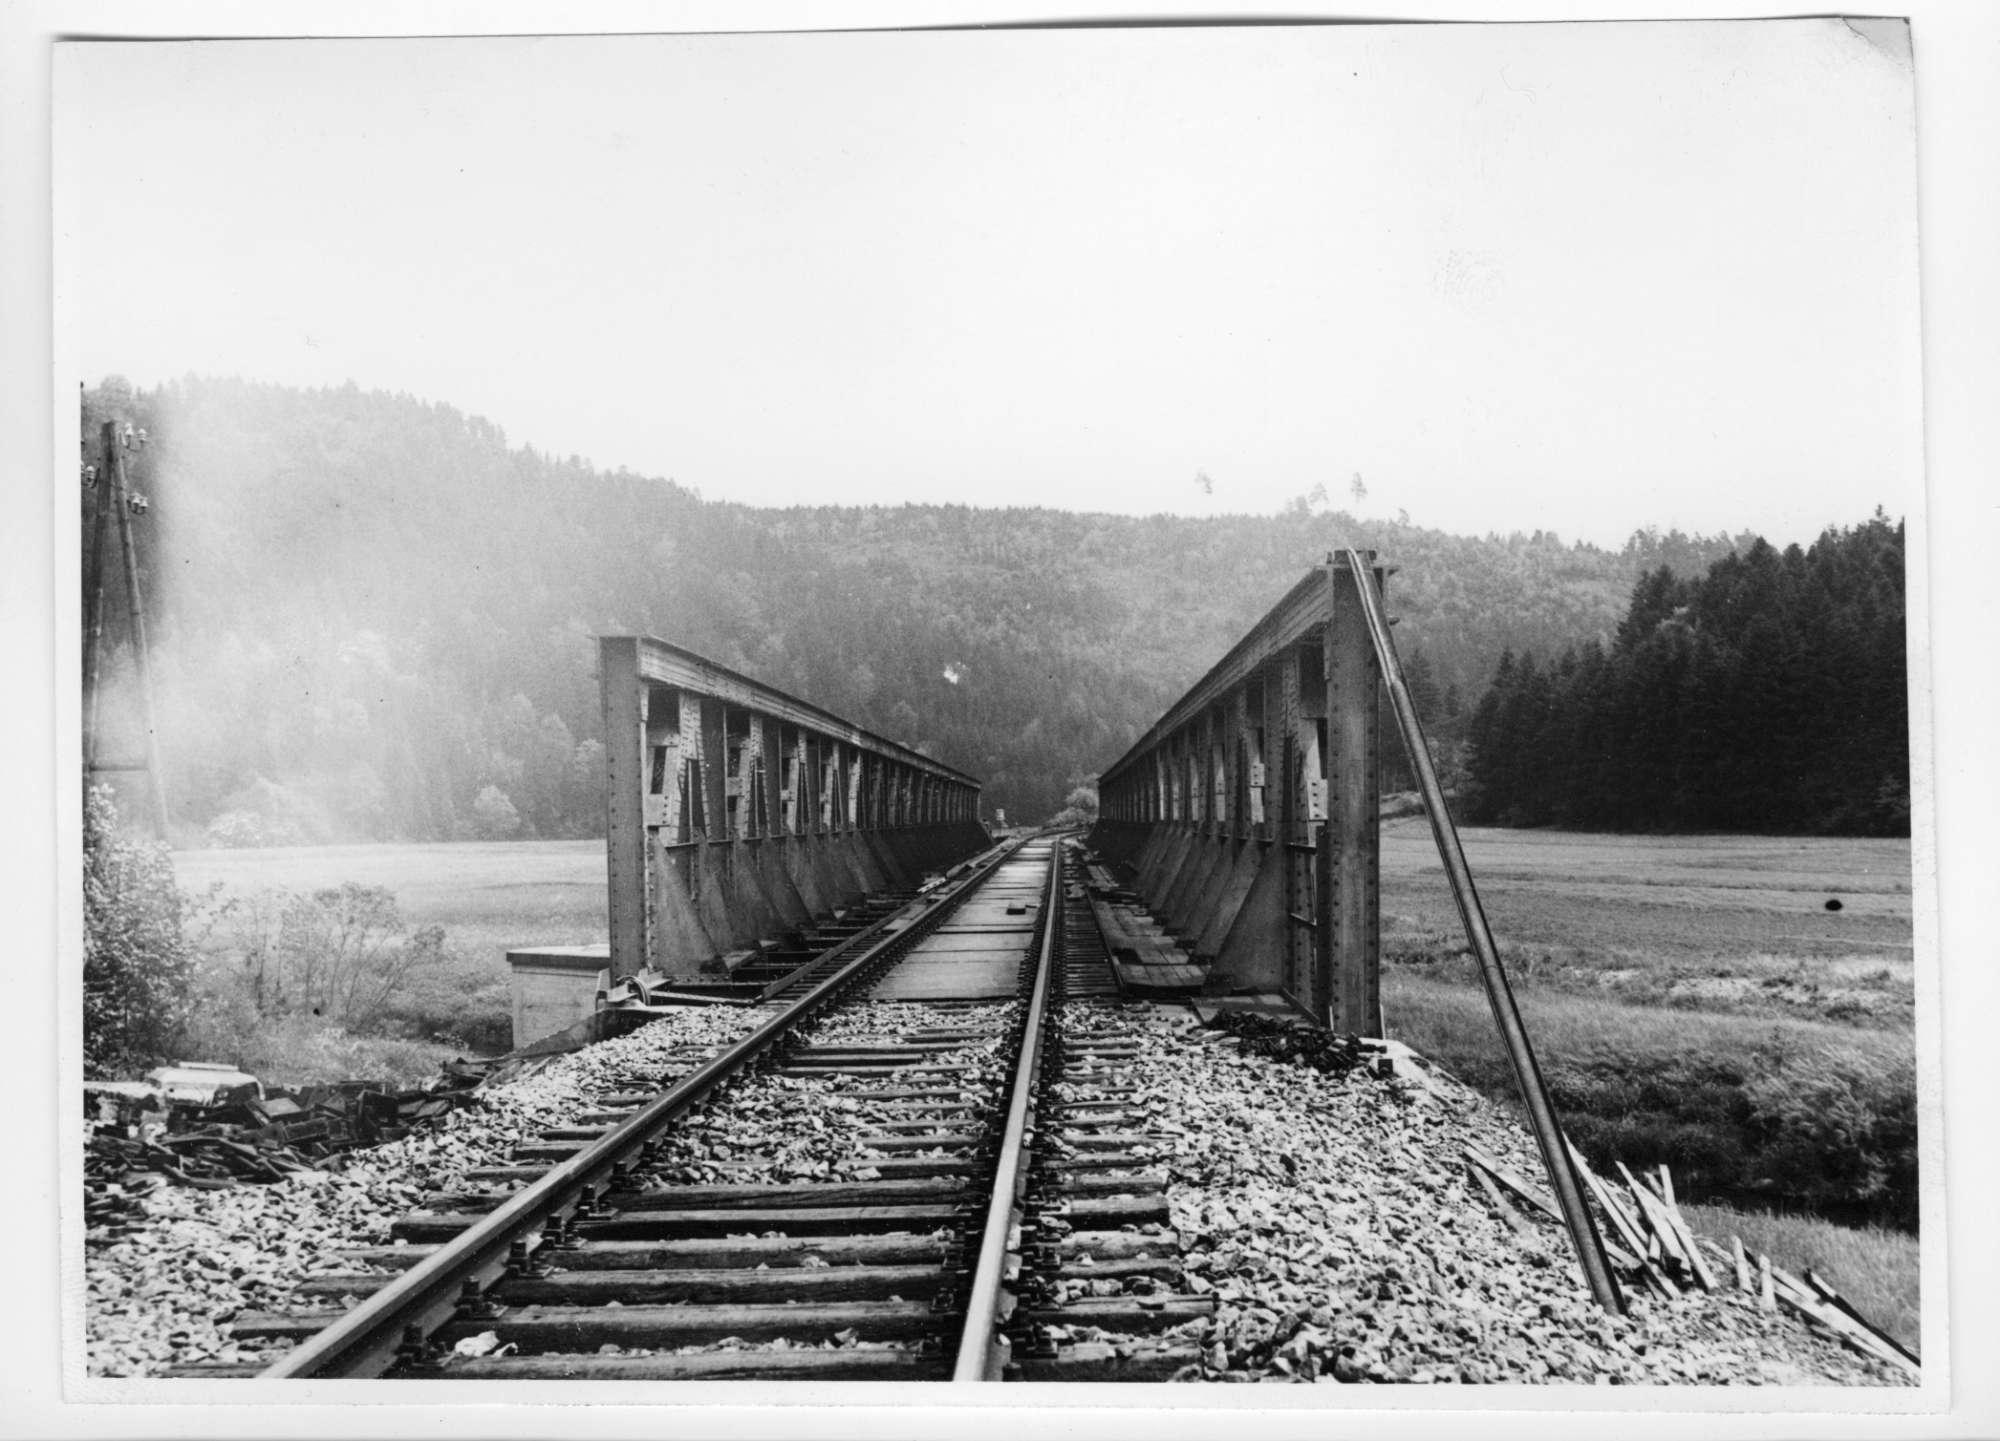 Strecke Neckarhausen-Horb (Neckarbrücke), Abb. a